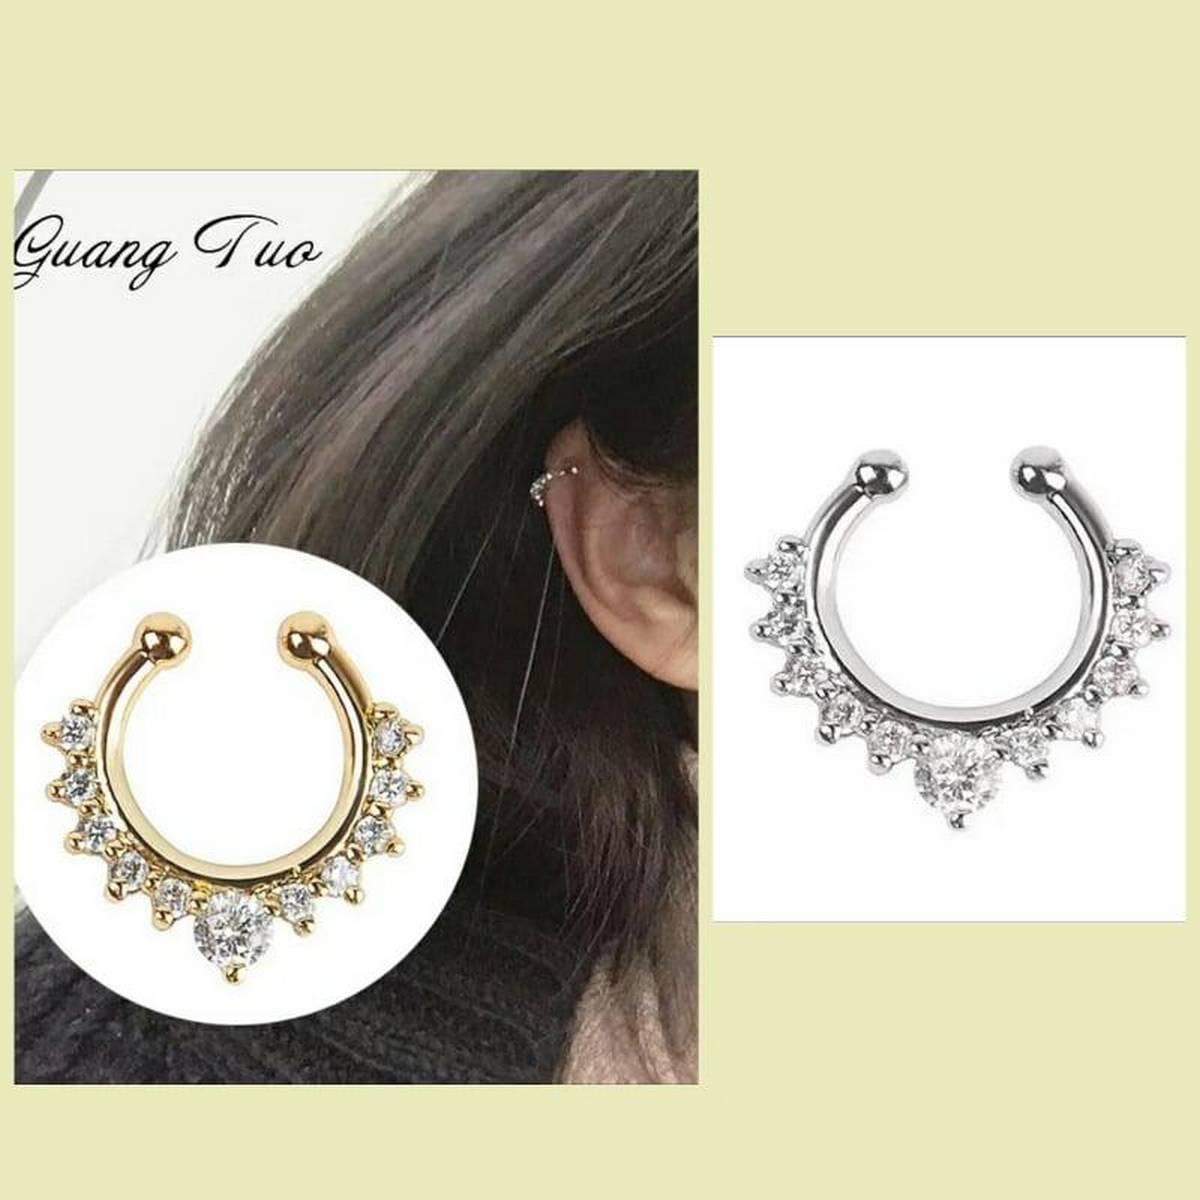 Girls Silver Crystal Rhinestone Ear cuff Trendy Fashion WOmen Eairrings - 01 Piece